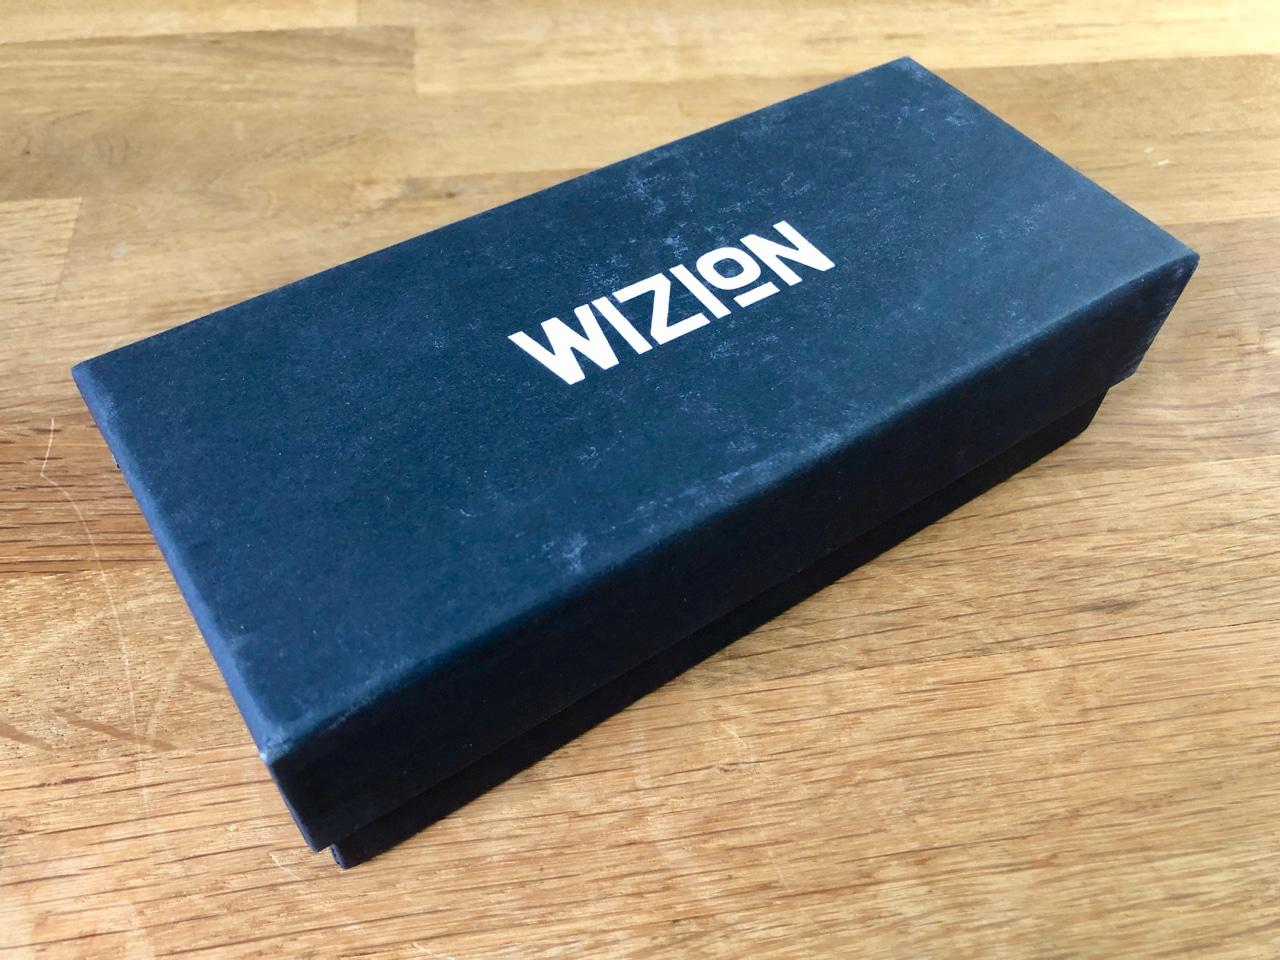 Wizion Blaulichtfilter Brille Verpackung